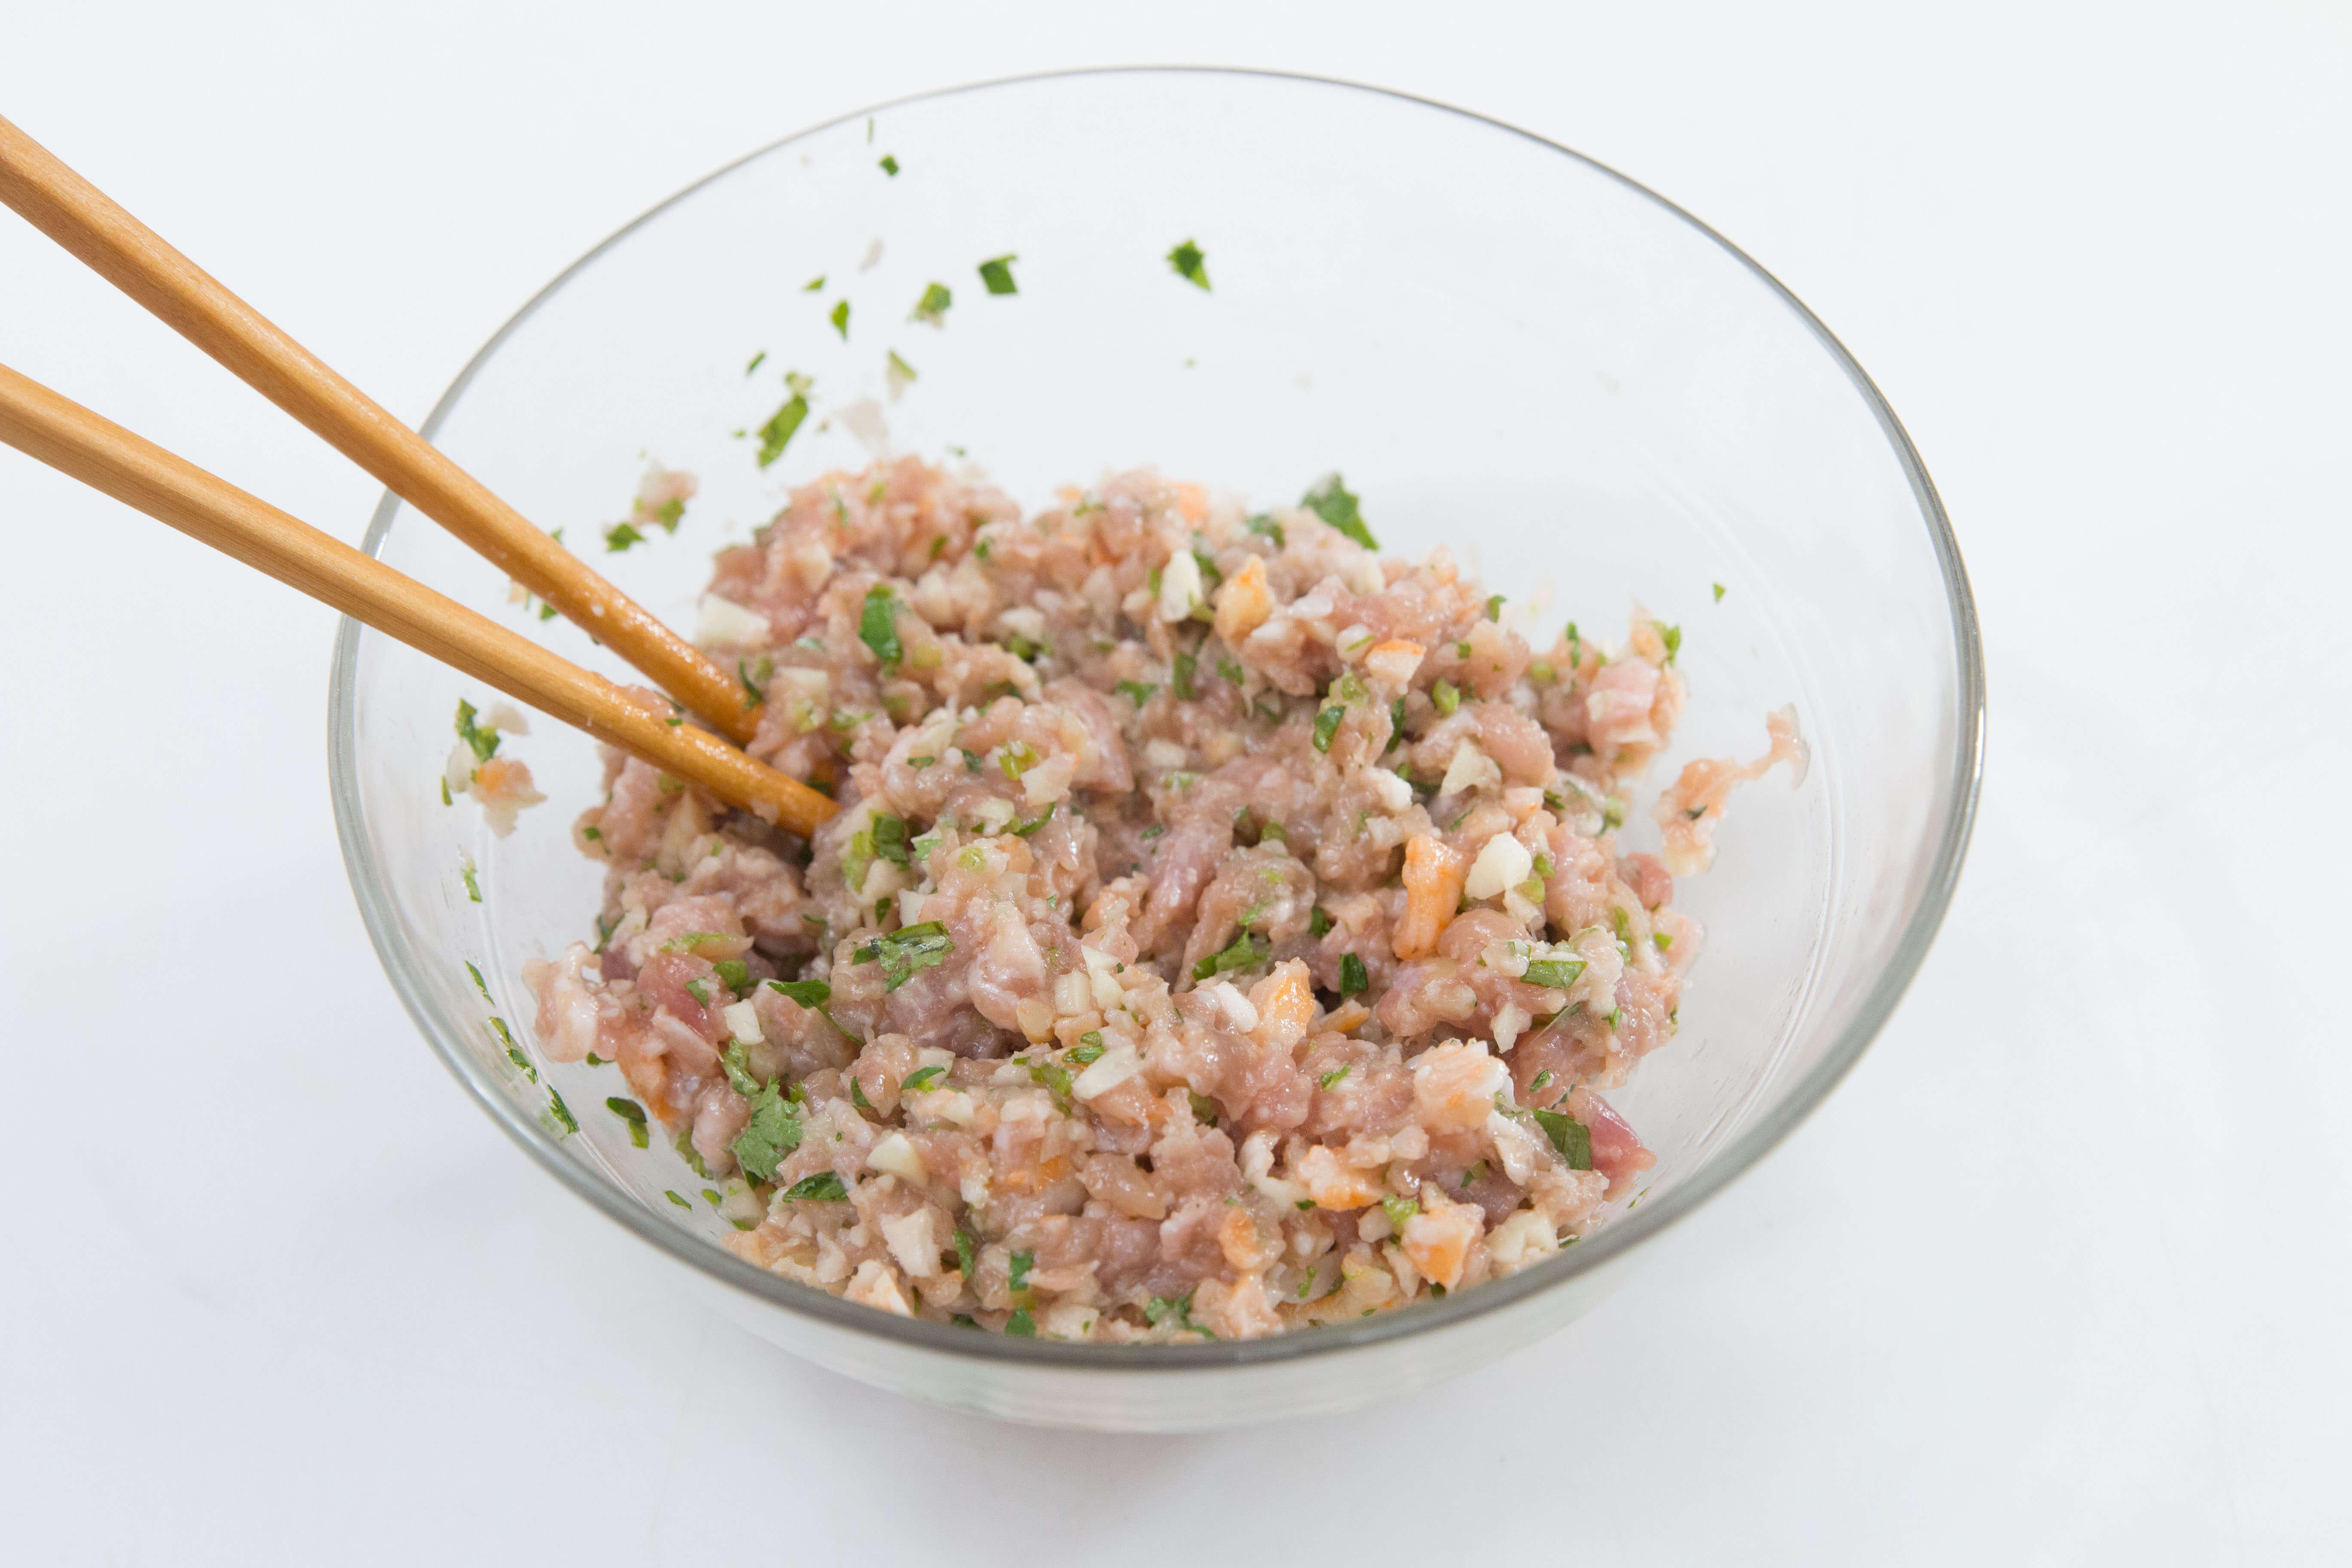 Cách làm nấm hương nhồi thịt ngon cơm cho bữa tối tại nhà